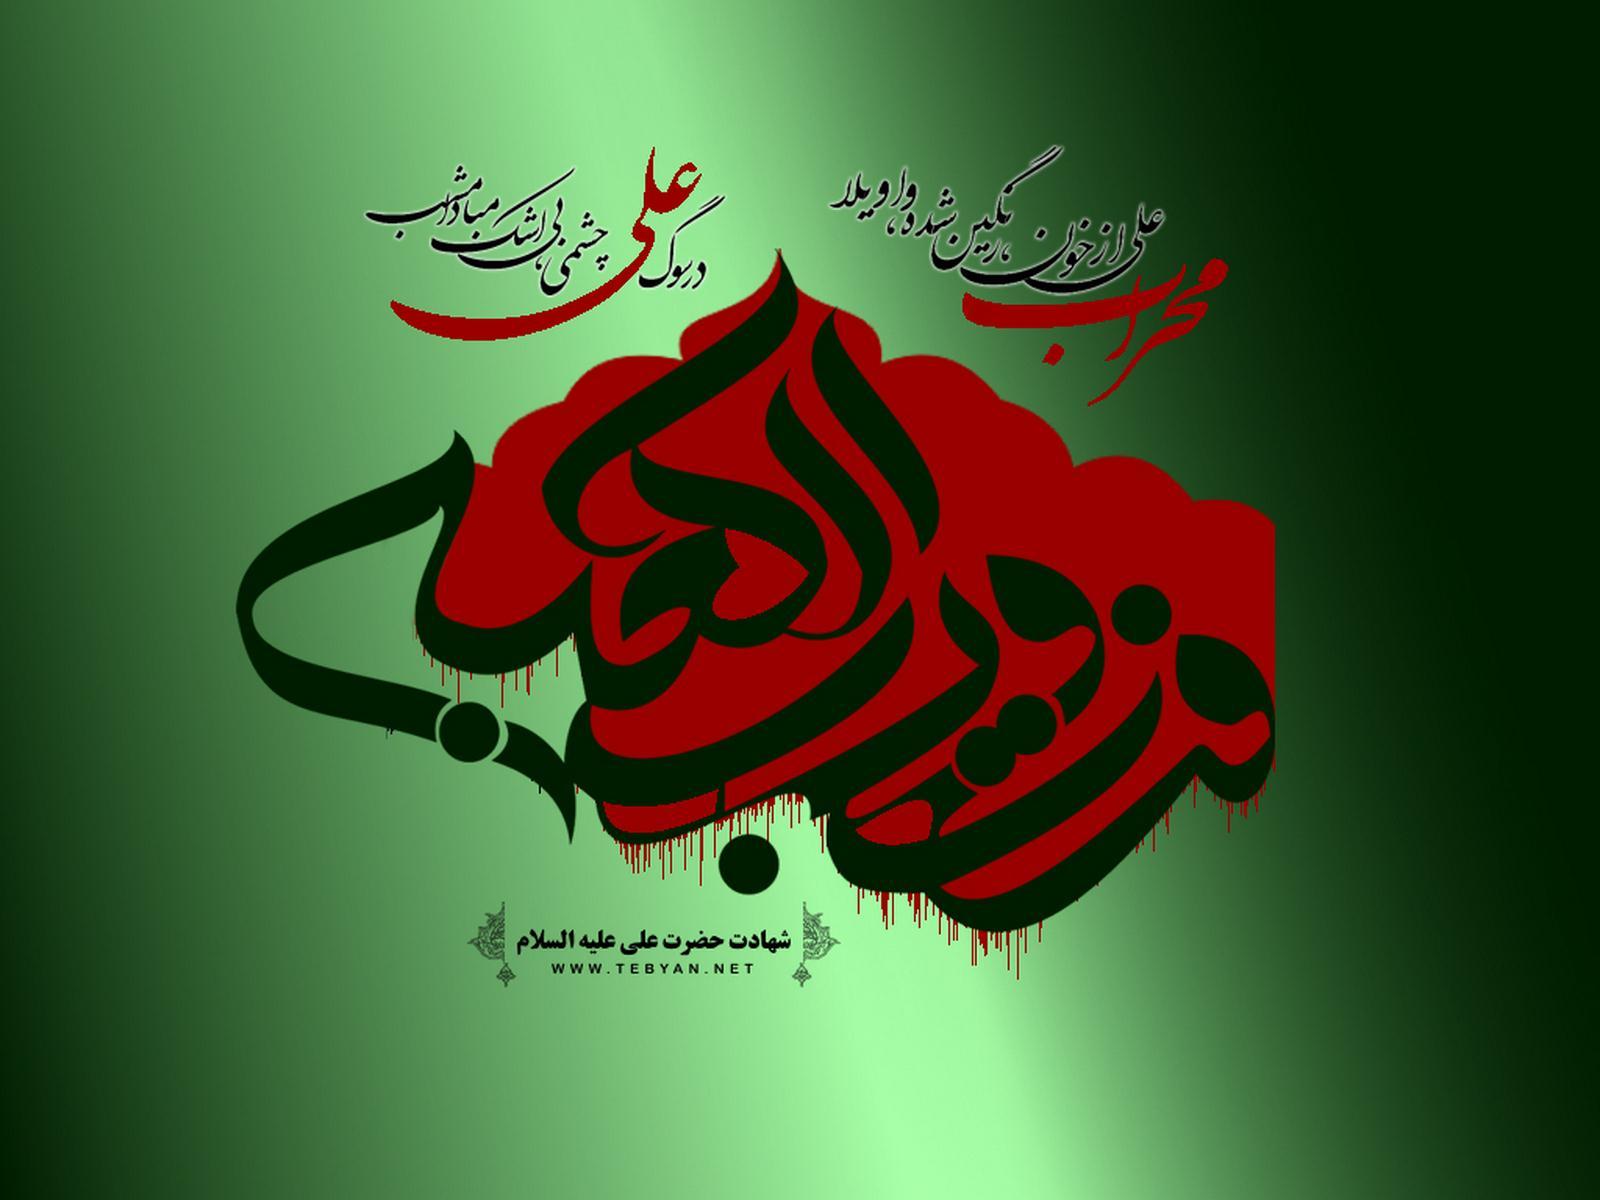 عکسهای شهادت امام علی به همراه دانلود مجموعه